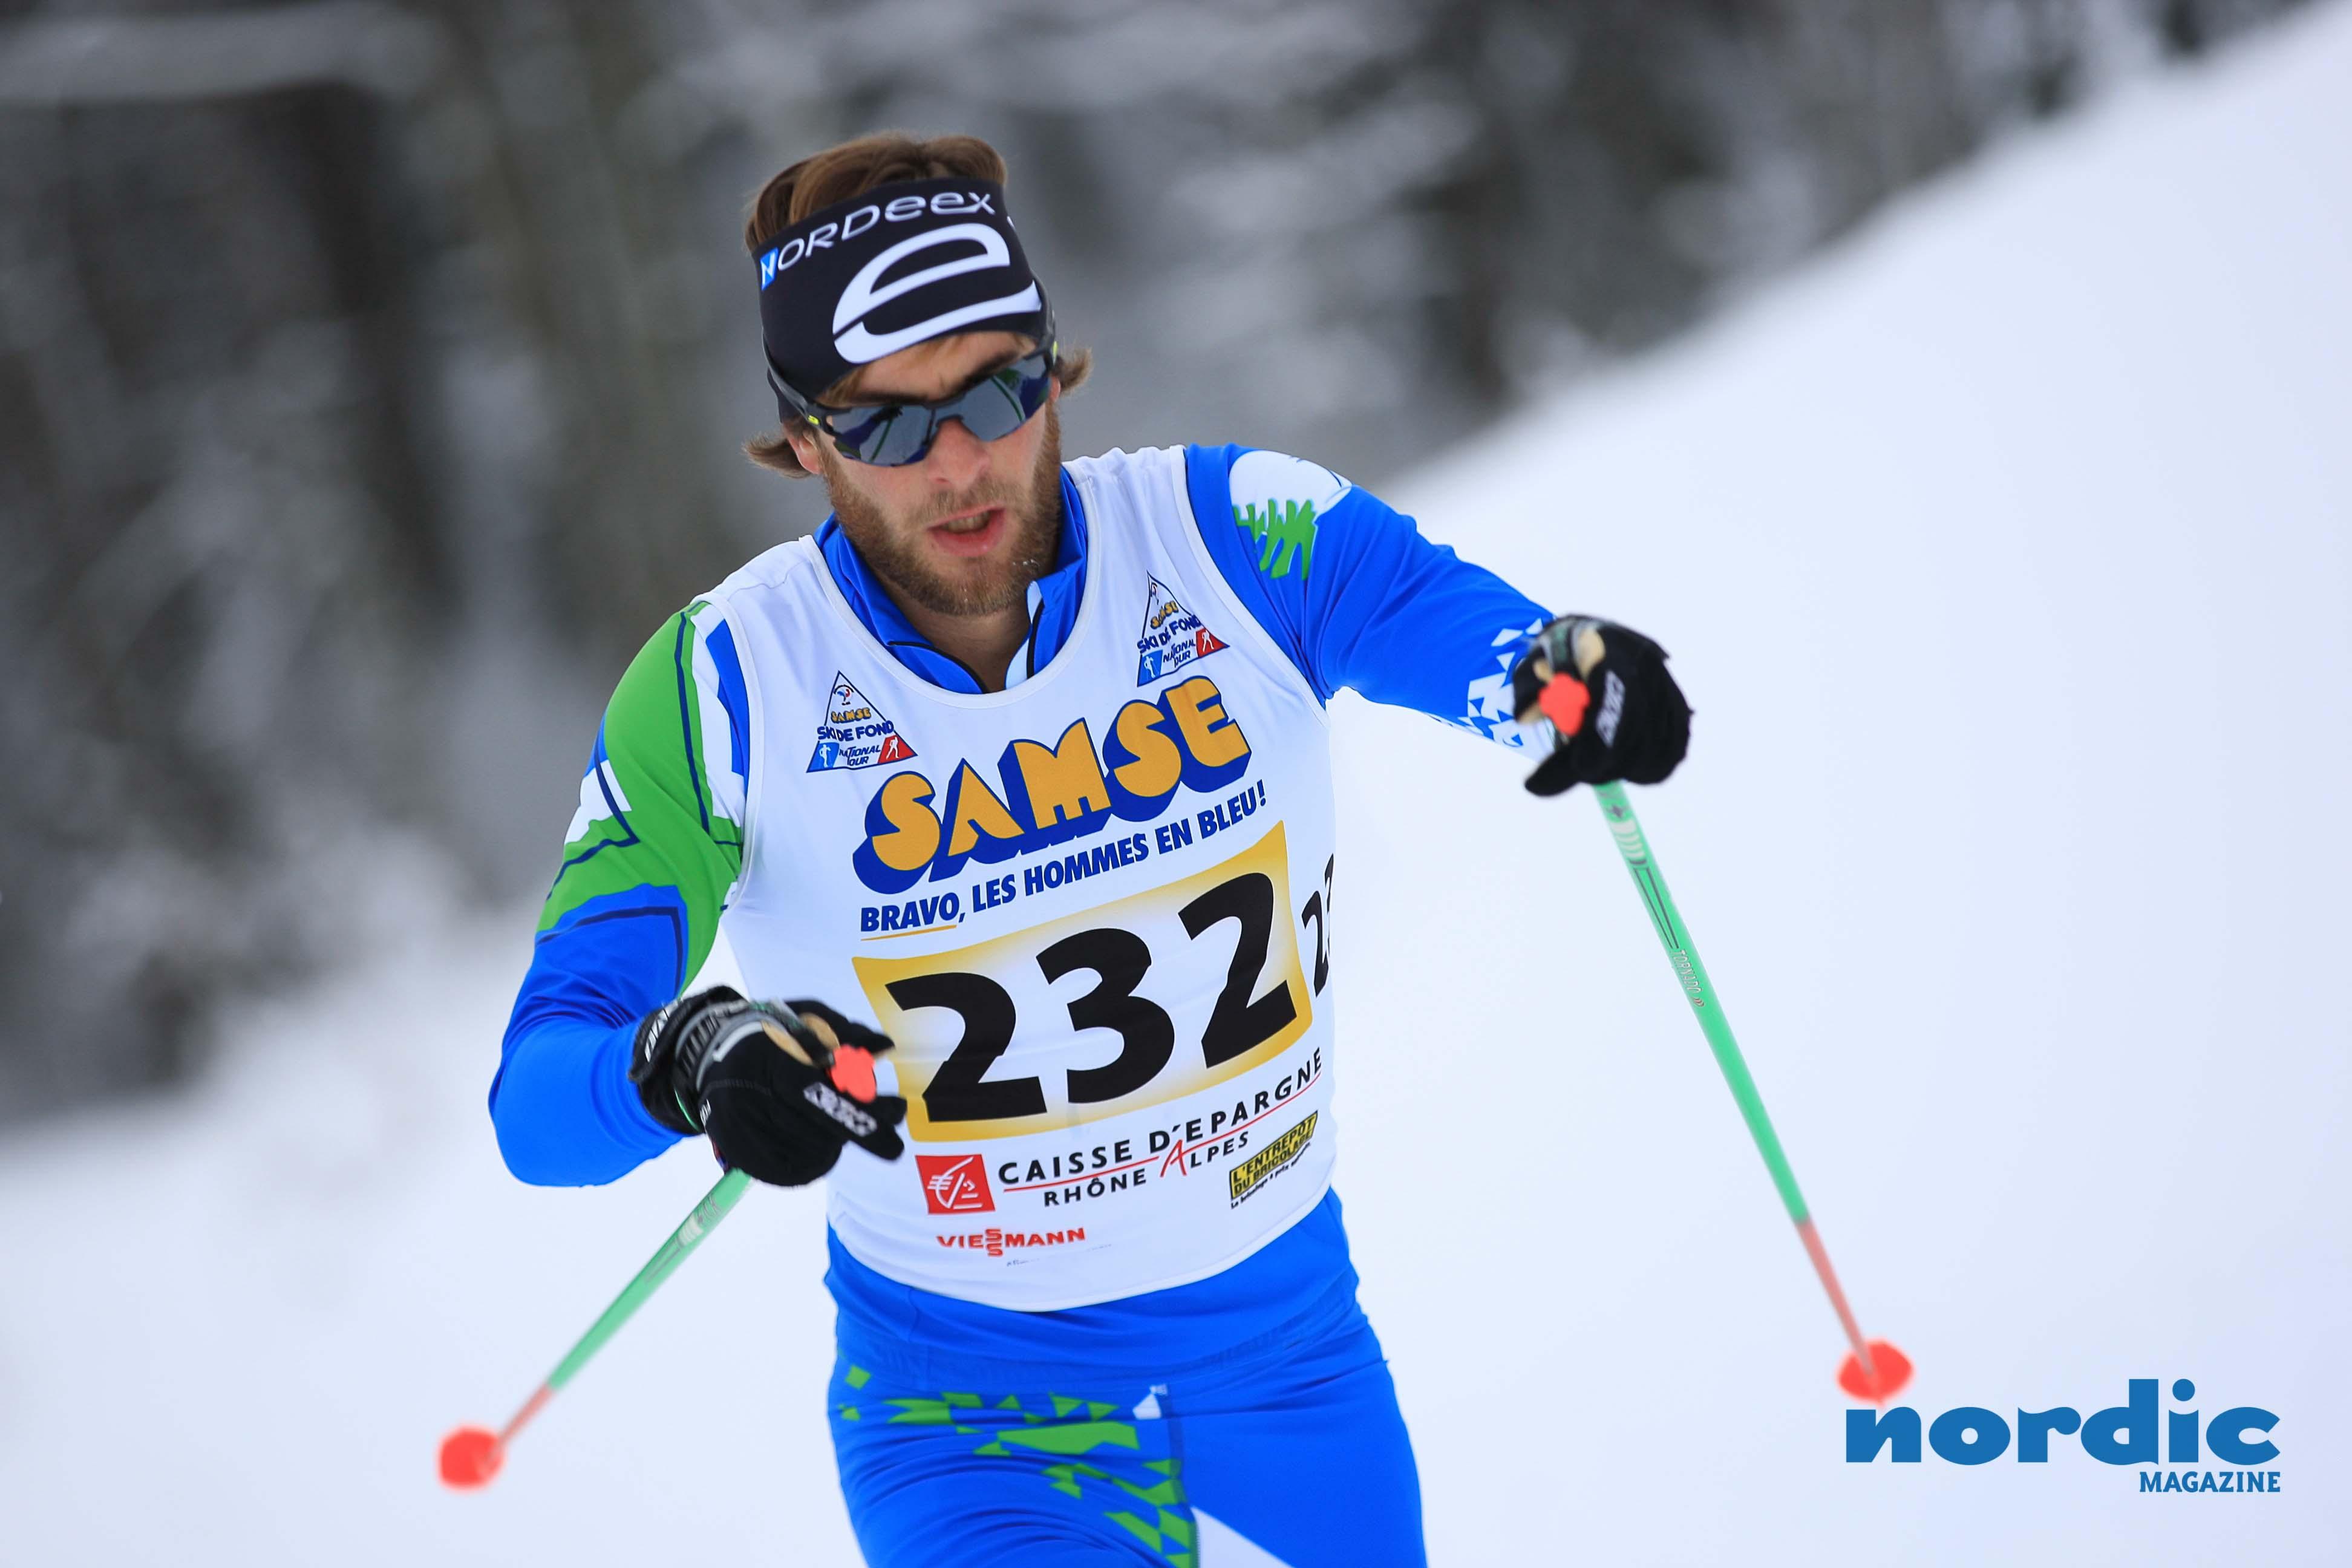 ROLLERSKI - Le nouveau team Oui.Ski Mesmerise participera dès le 23 juin aux épreuves du Guide World Classic tour. Présentation.